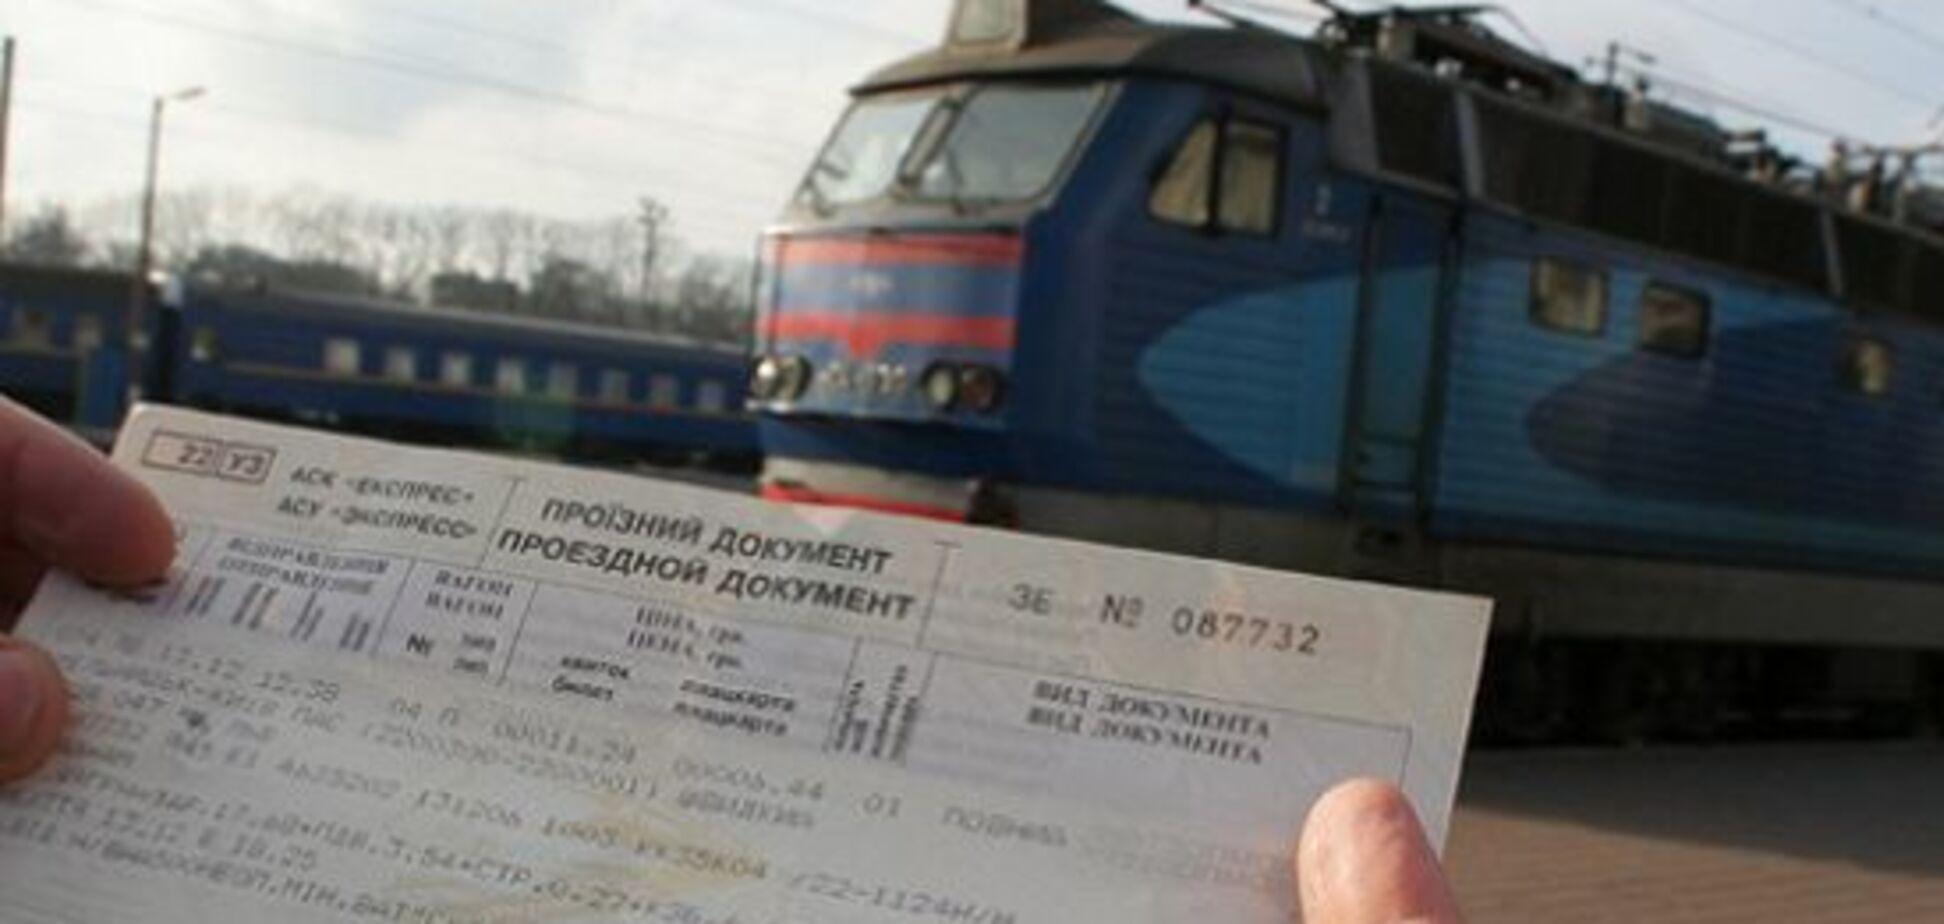 ''Укрзалізниця'' спростить пасажирам пошук квитків на потяги